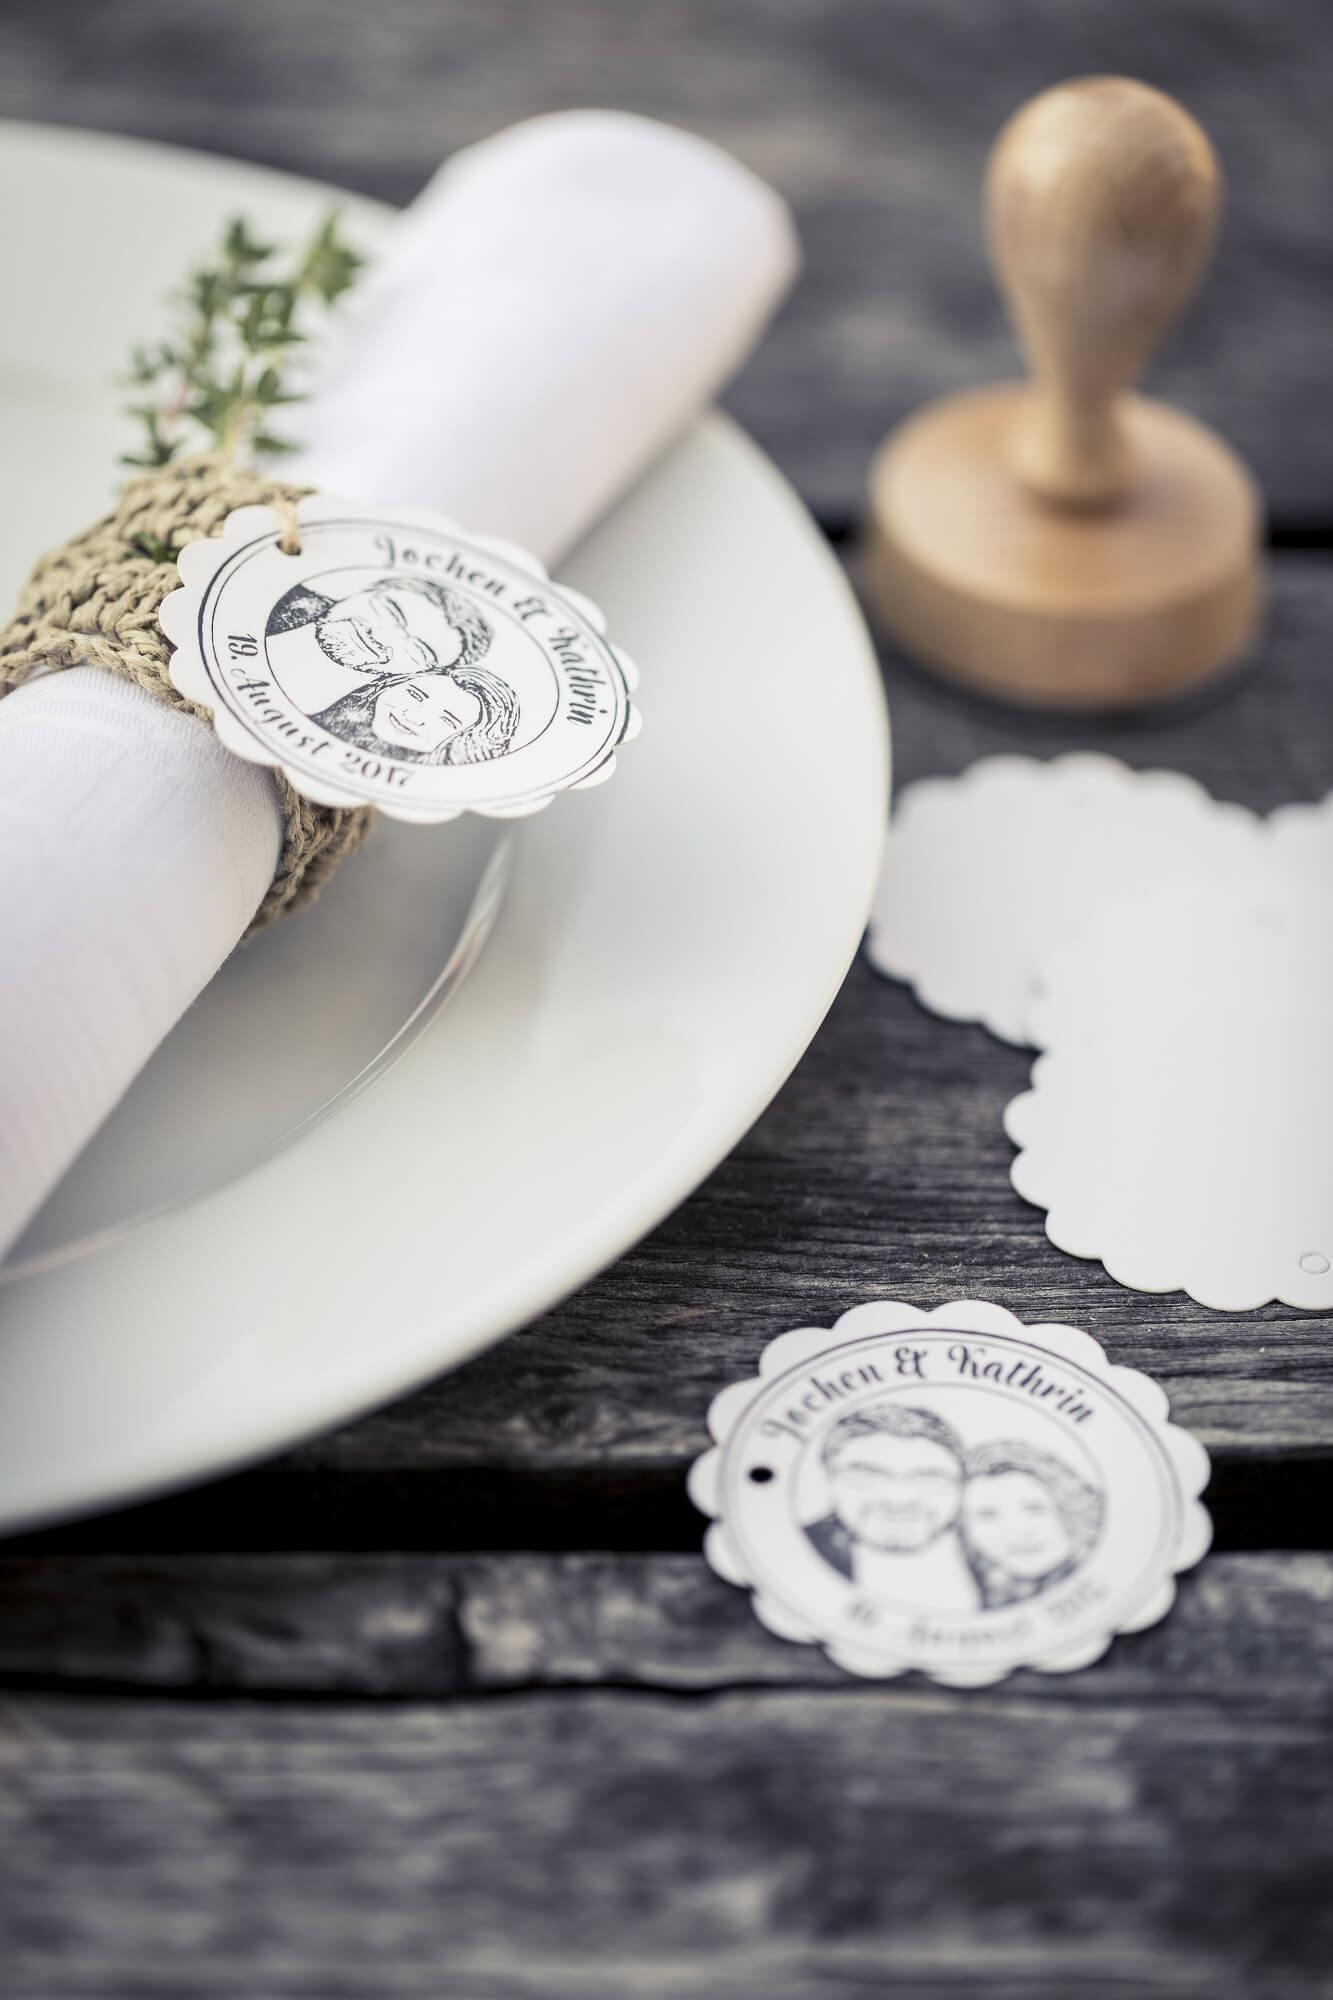 Hochzeit-Tischdeko-Serviette-Stempel-Fotostempel-Fotogruesse